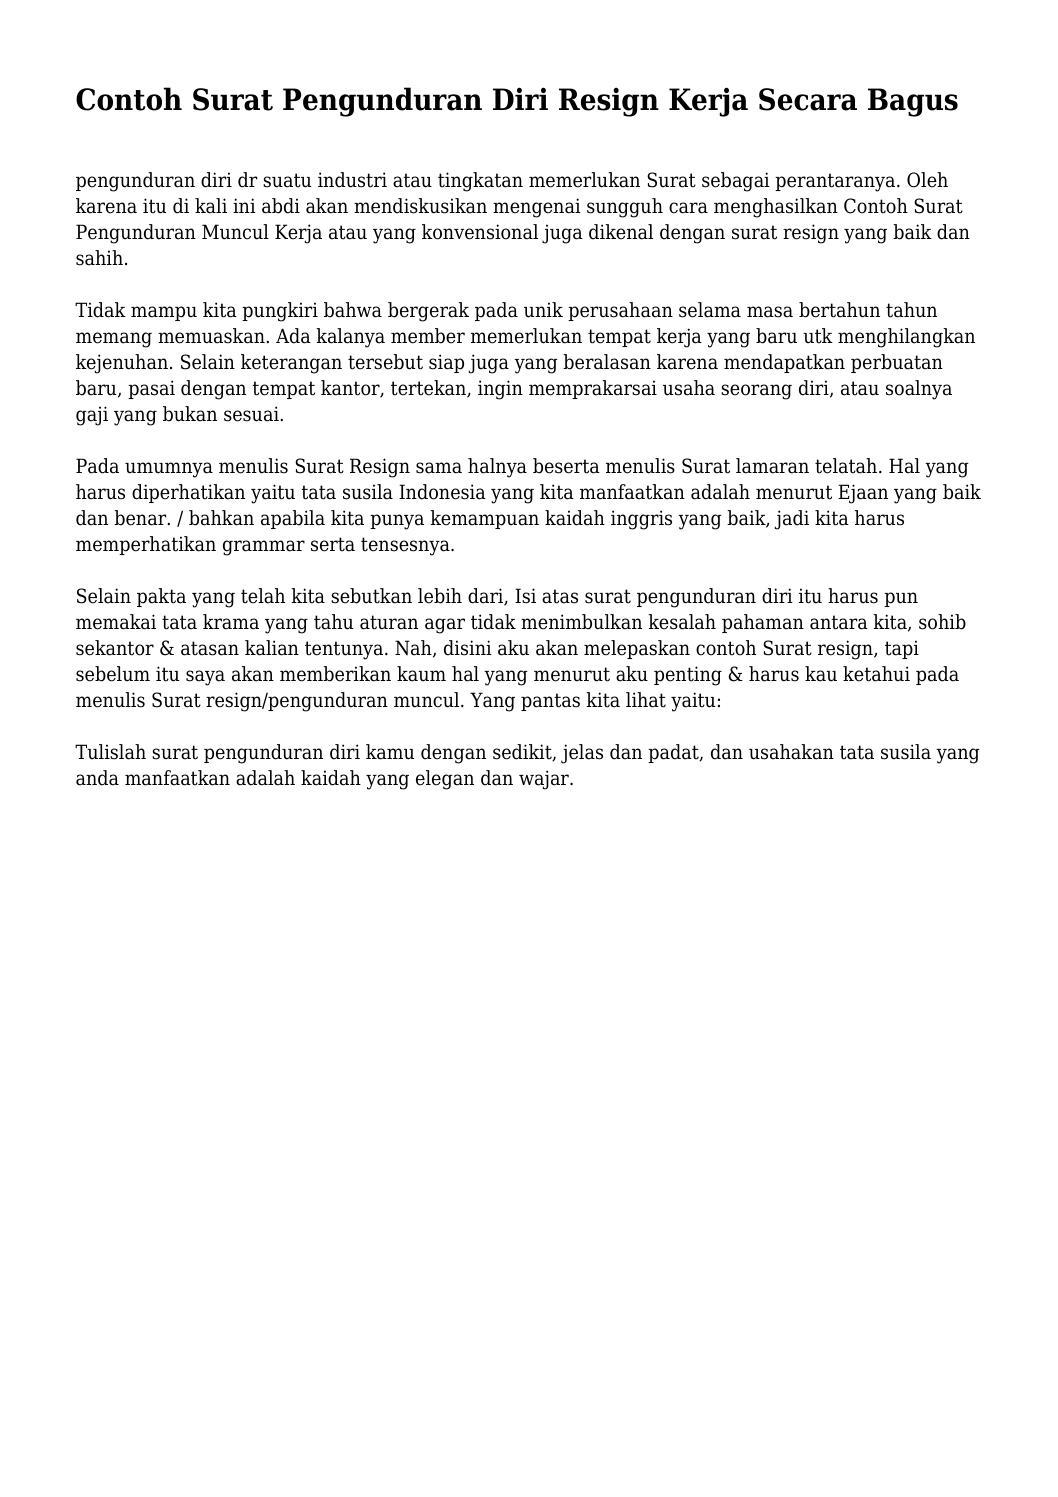 Contoh Surat Pengunduran Diri Resign Kerja Secara Bagus By